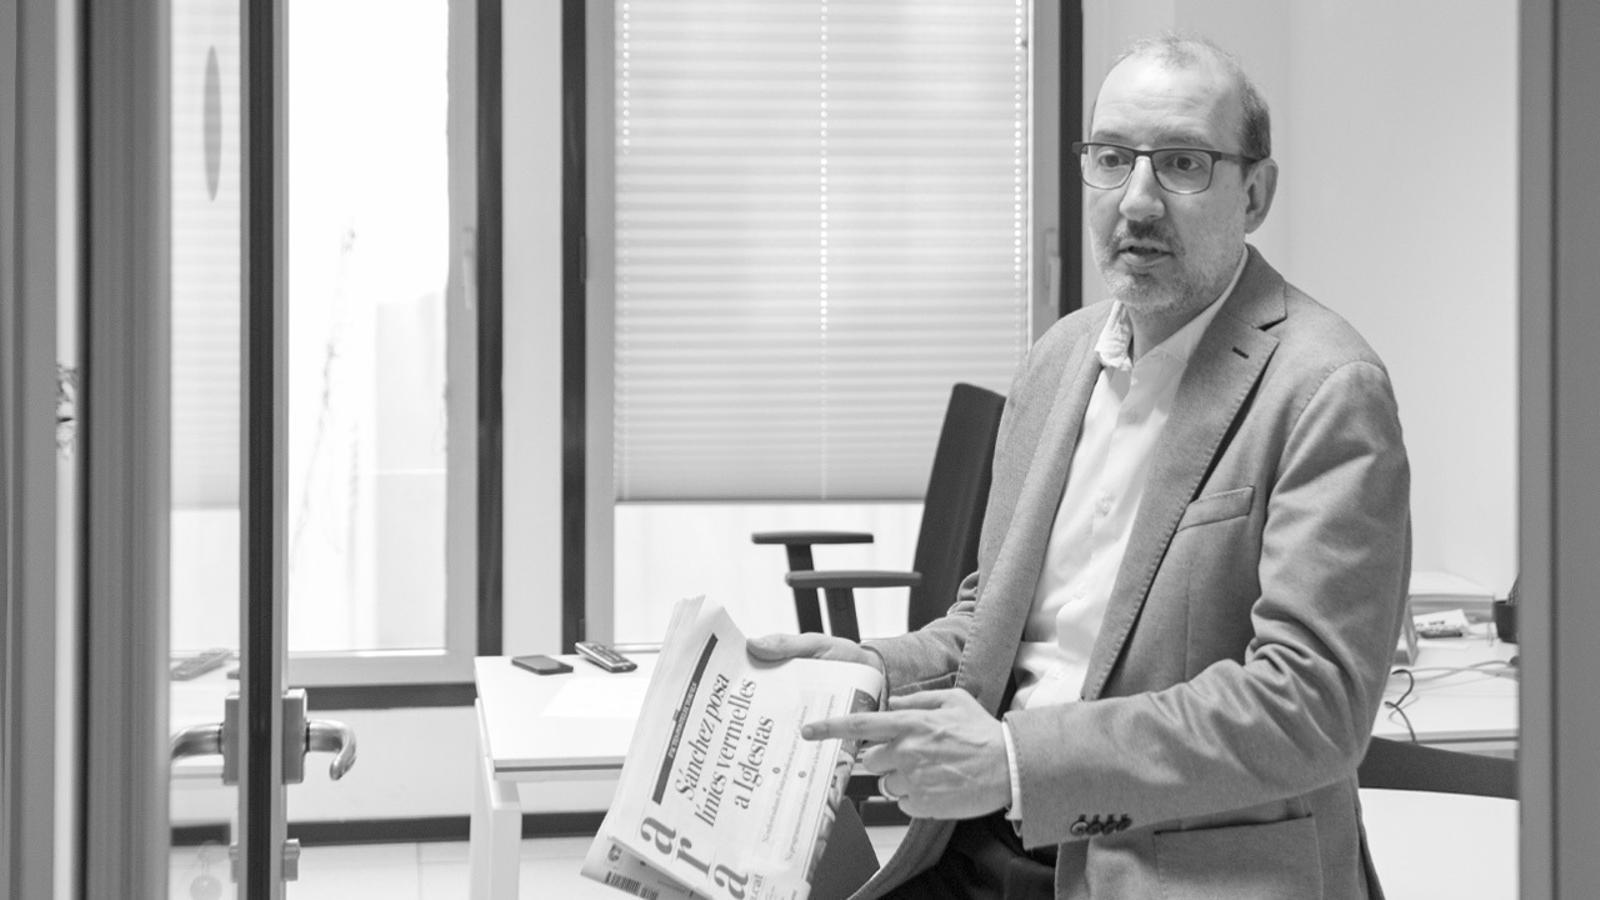 L'anàlisi d'Antoni Bassas: ''Brexit' i procés, ous i castanyes'